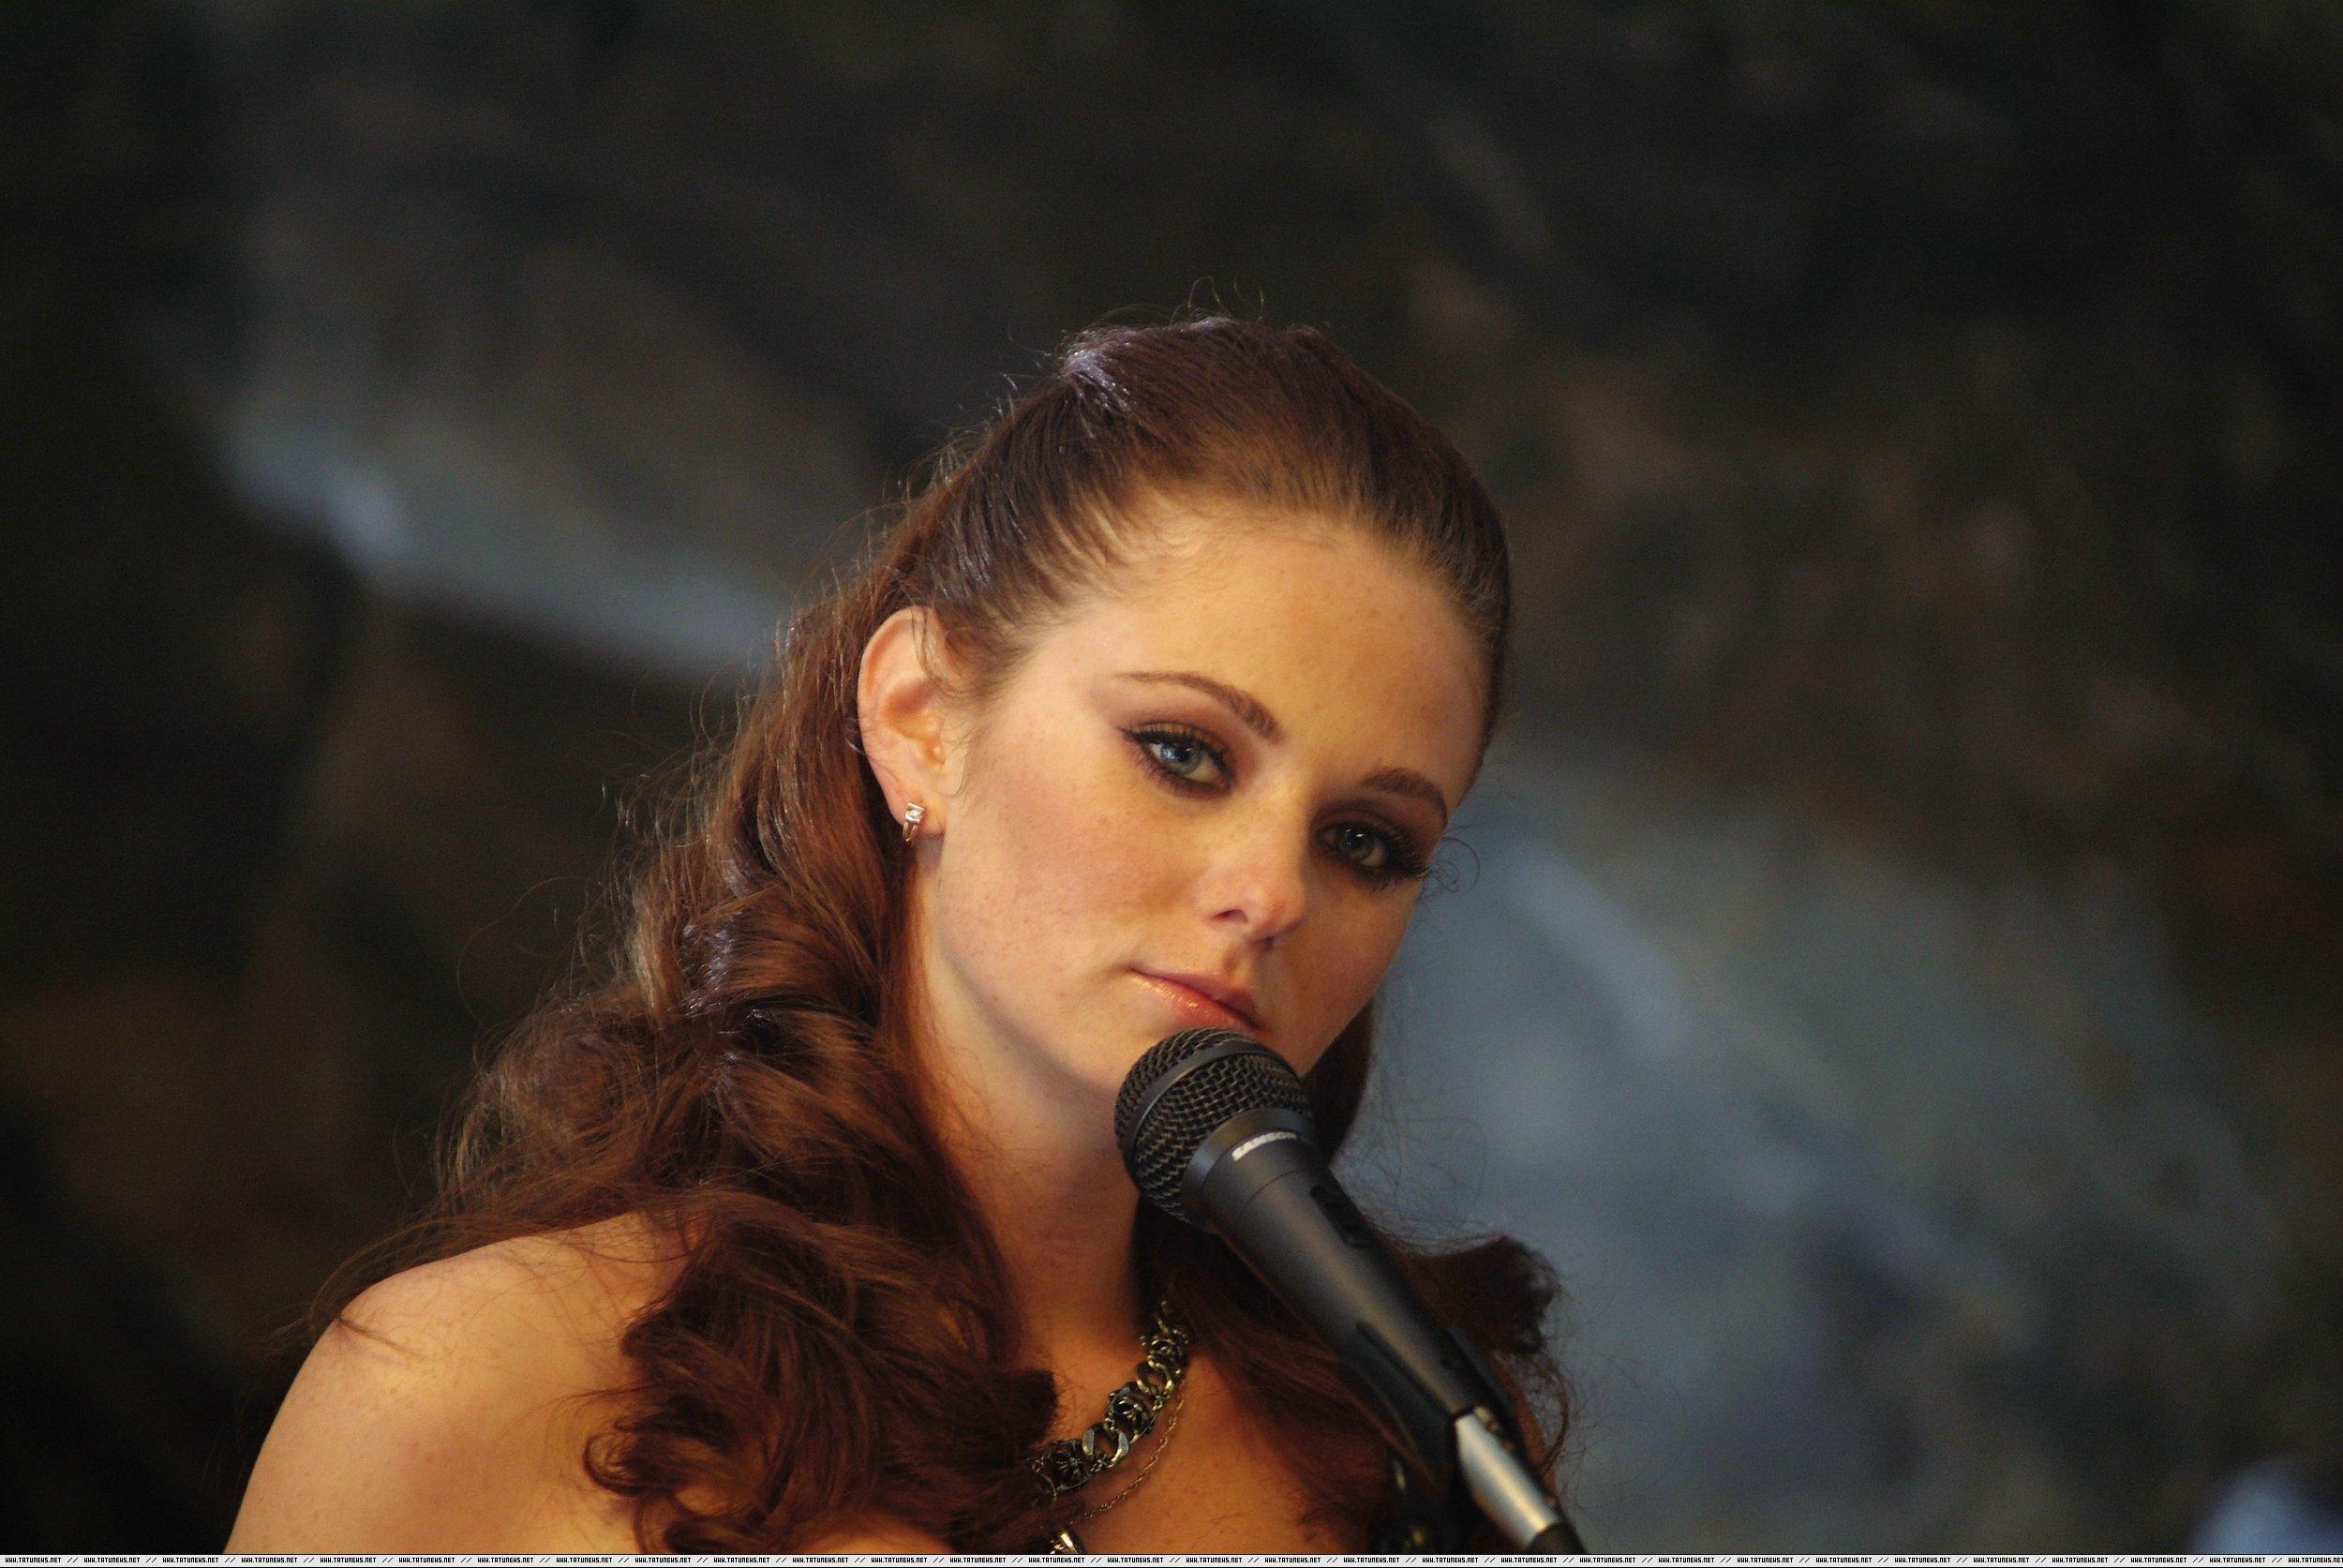 Lena katina lyrics music news and biography metrolyrics hhlena katina artist photos stopboris Choice Image